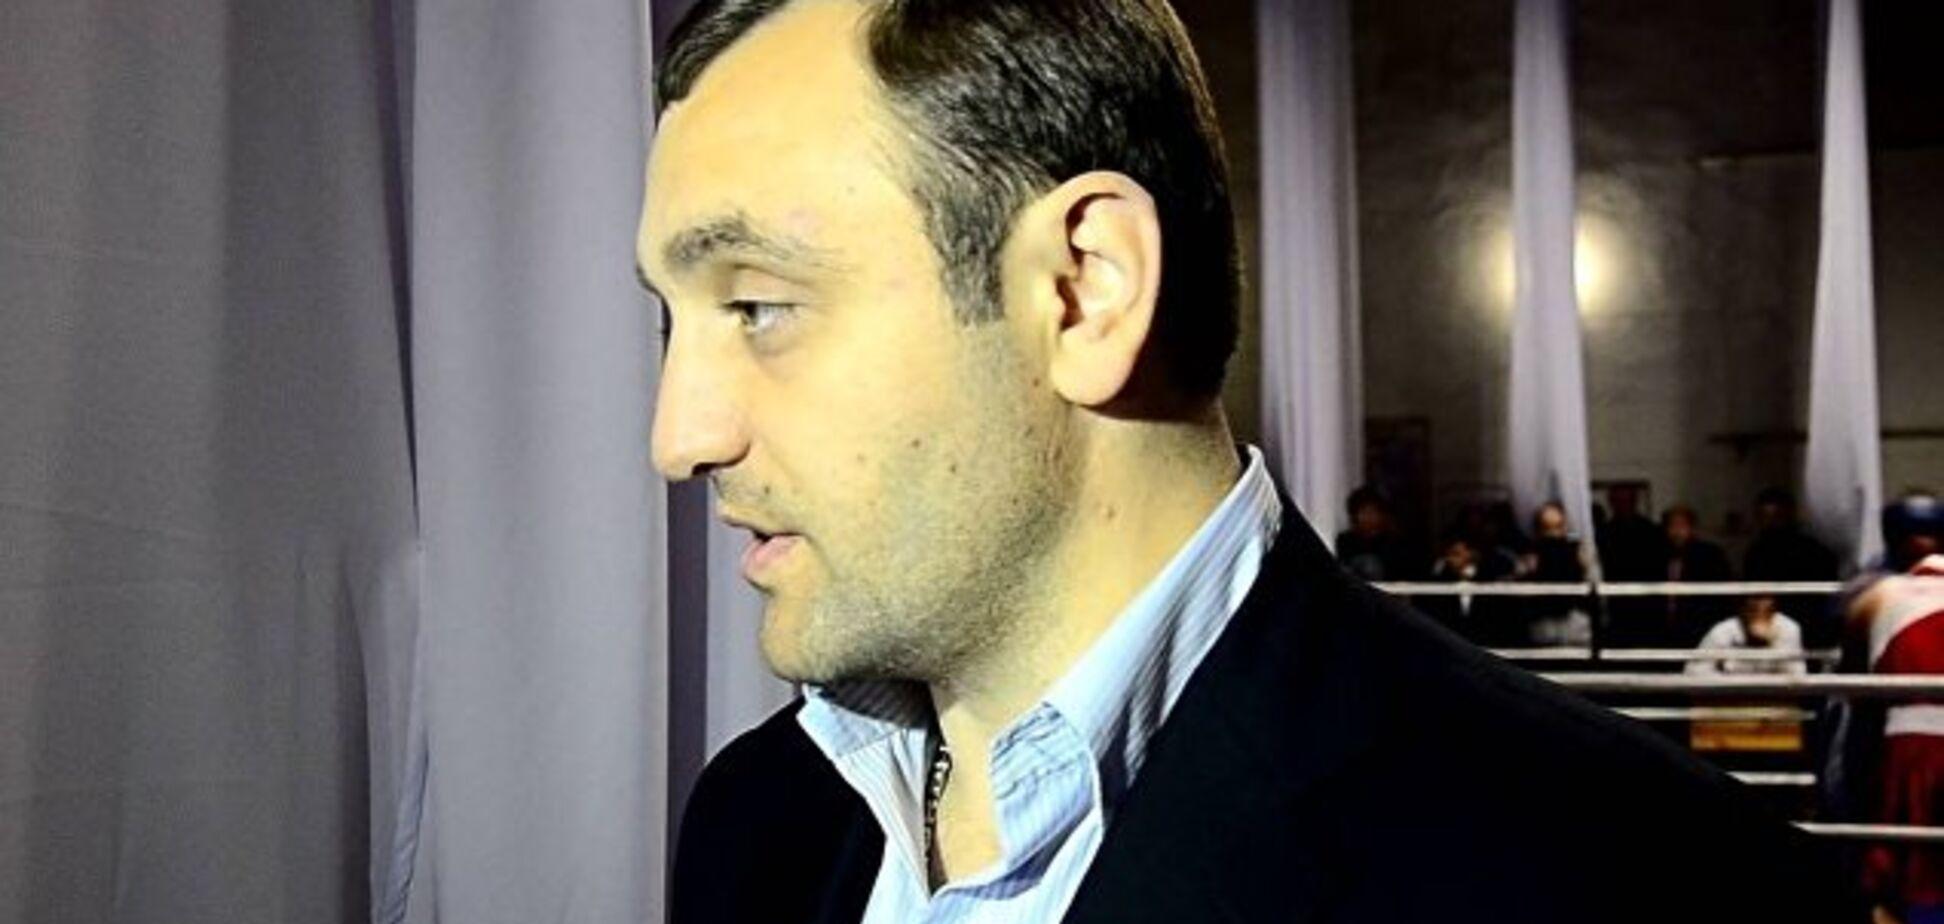 ГПУ готовит экстрадицию скандального 'титушковода' из Франции - Луценко